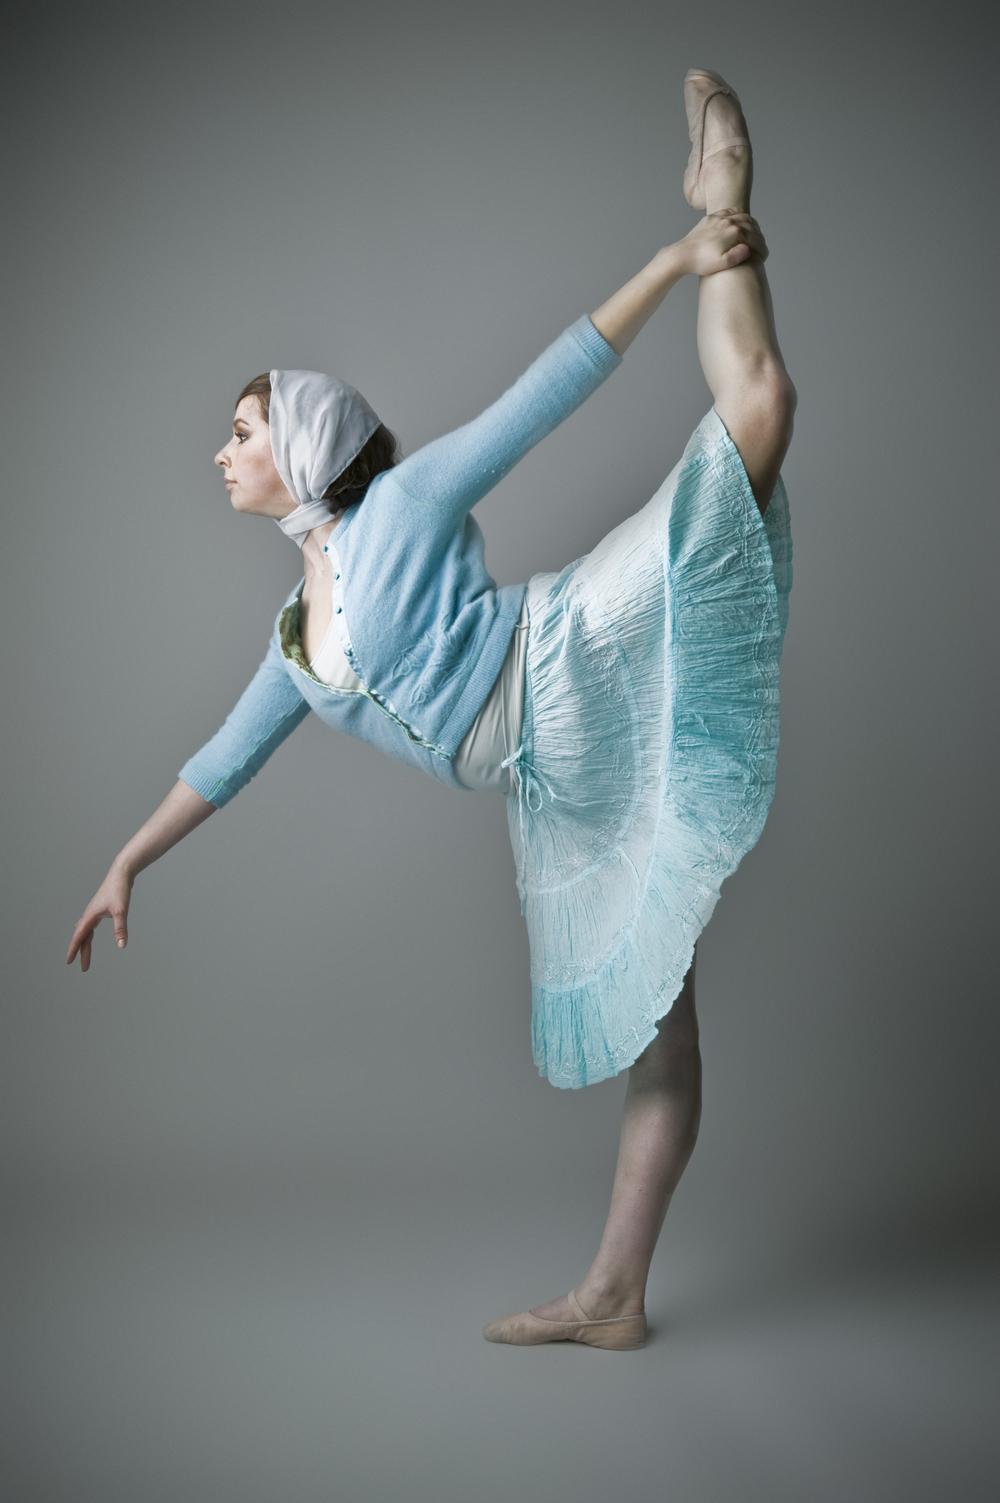 Dance00066.jpg